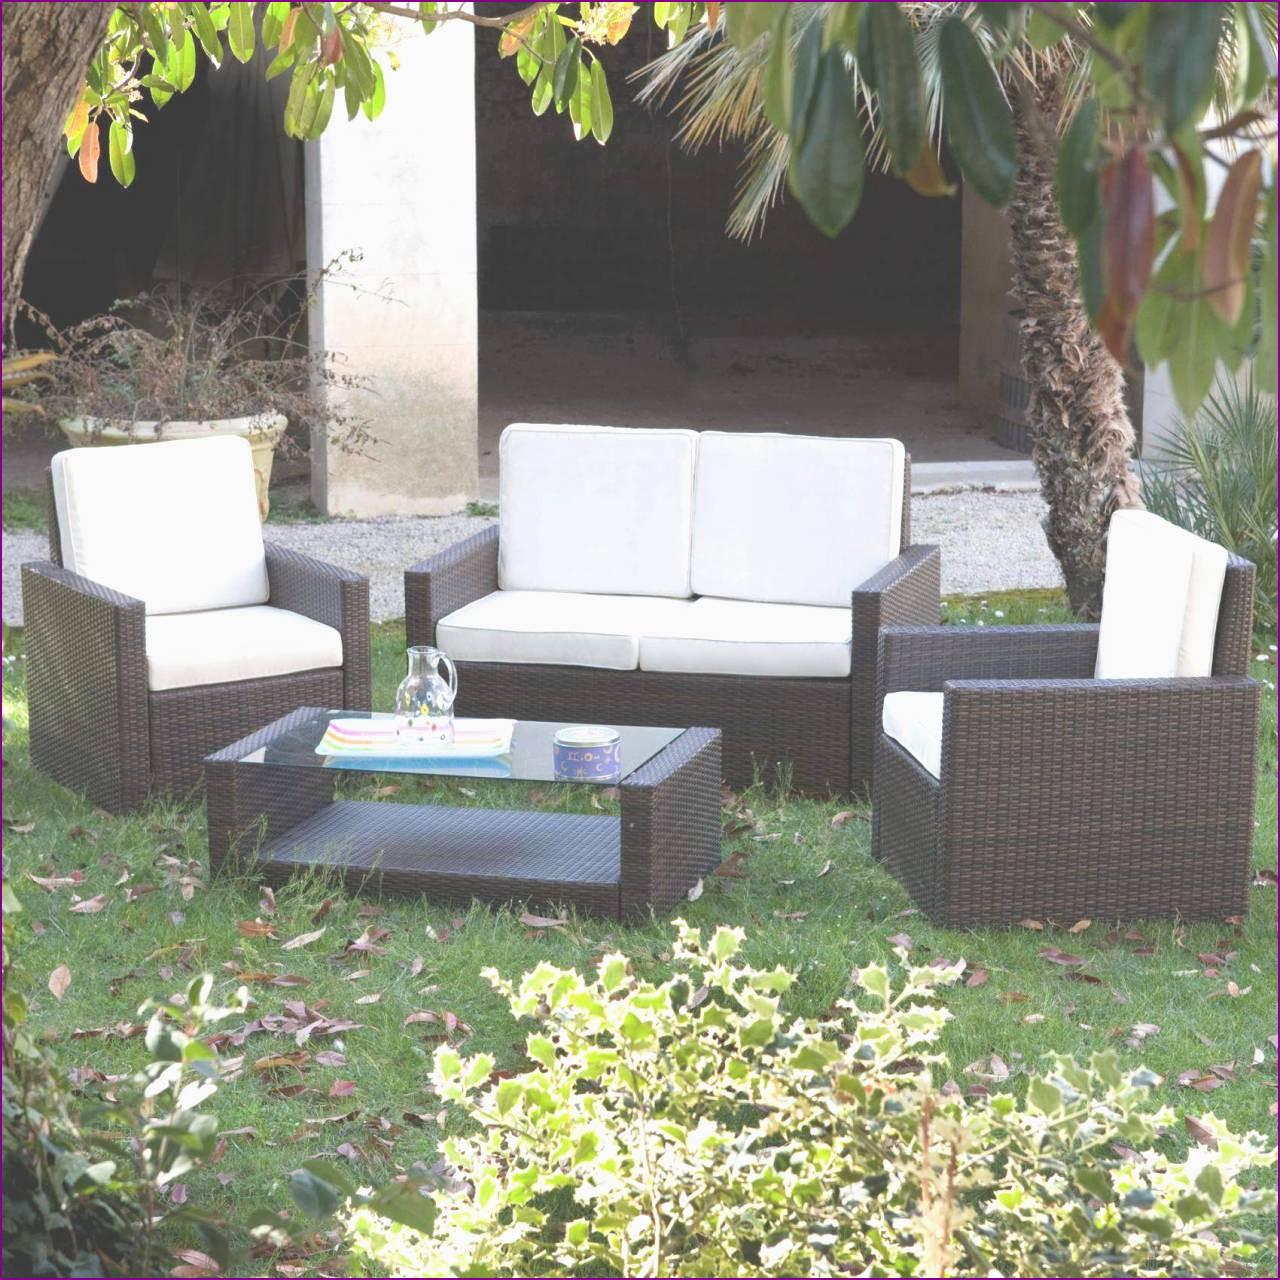 Salon De Jardin Pas Cher Leclerc - The Best Undercut Ponytail dedans Salon Jardin Pas Cher Leclerc